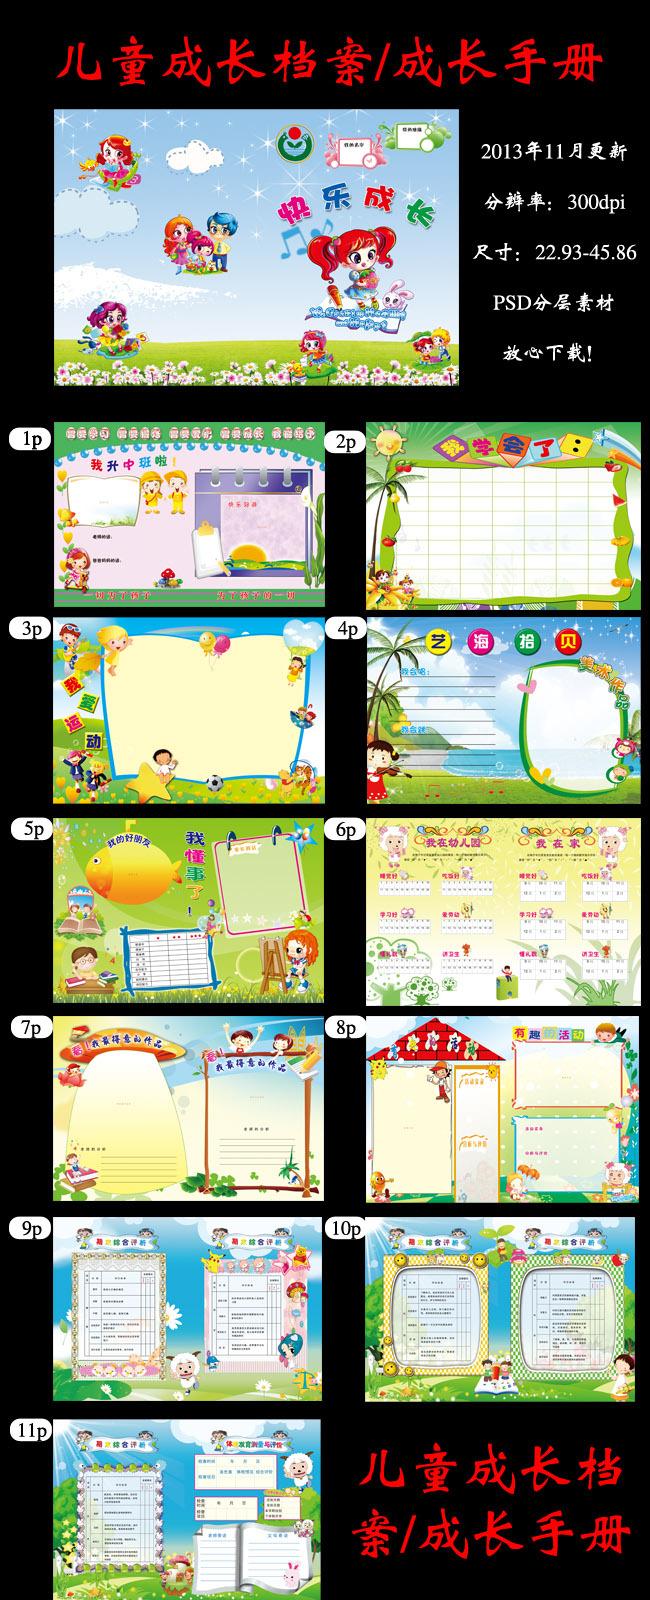 成长记录 成长足迹 宝宝成长手册 幼儿模板下载 幼儿园手册相册 成长